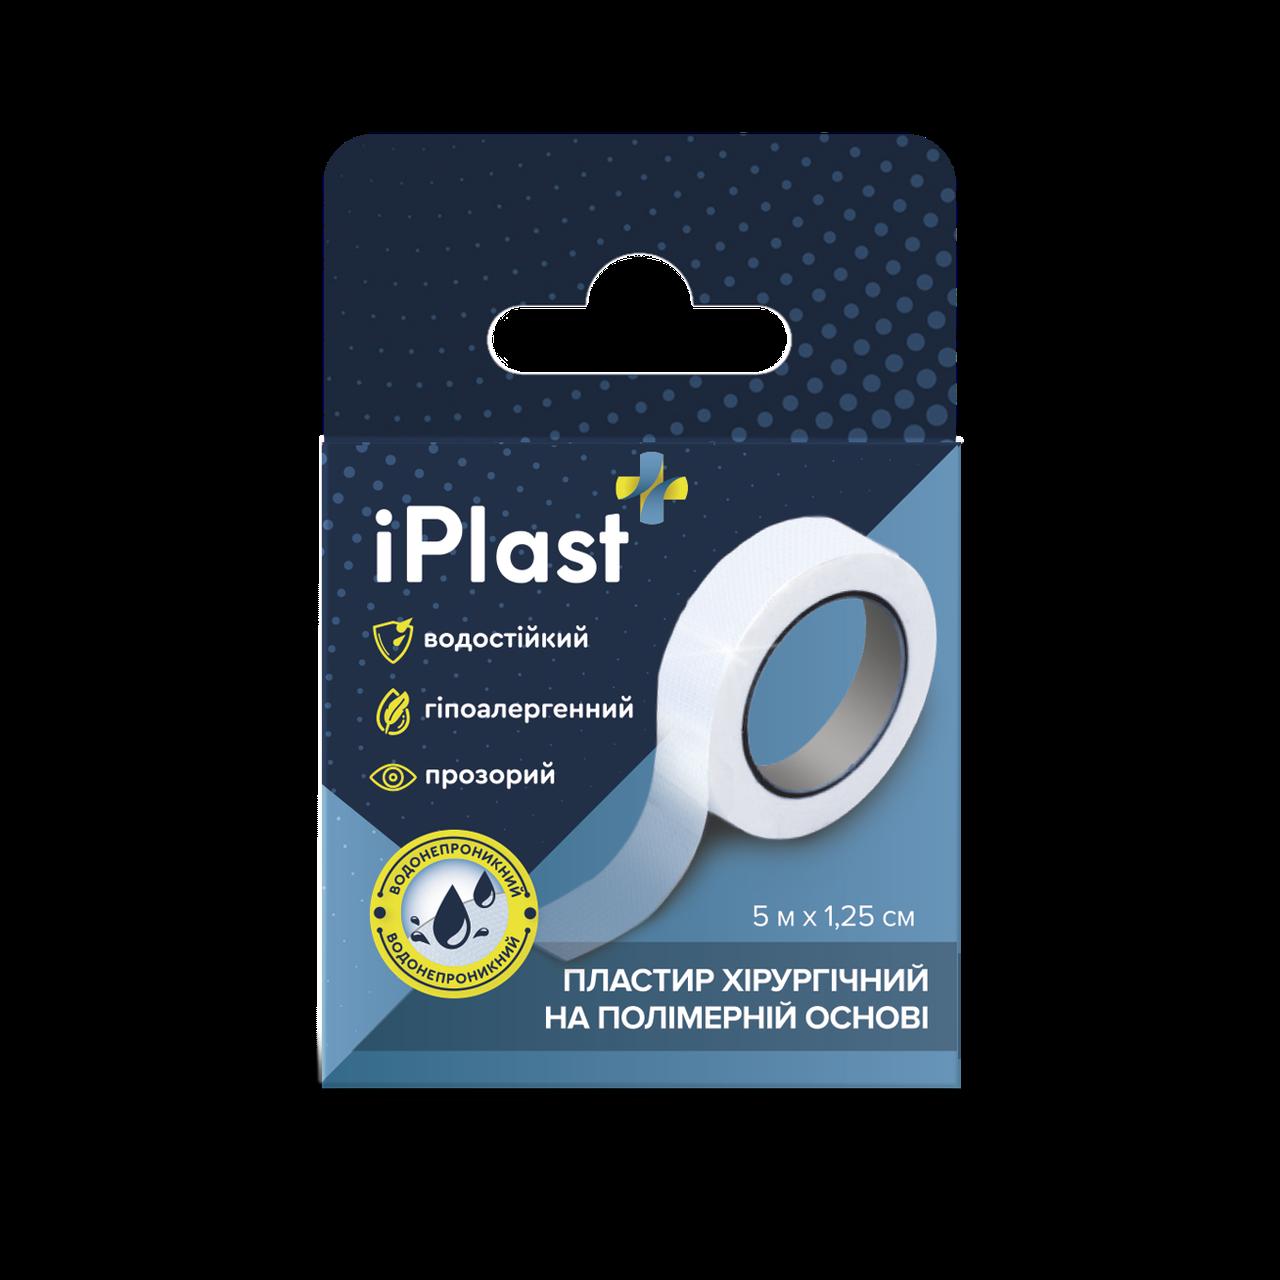 Хірургічний пластир на полімерній основі, в котушці IPlast (Dr.Frei) (5м х 1,25 см)